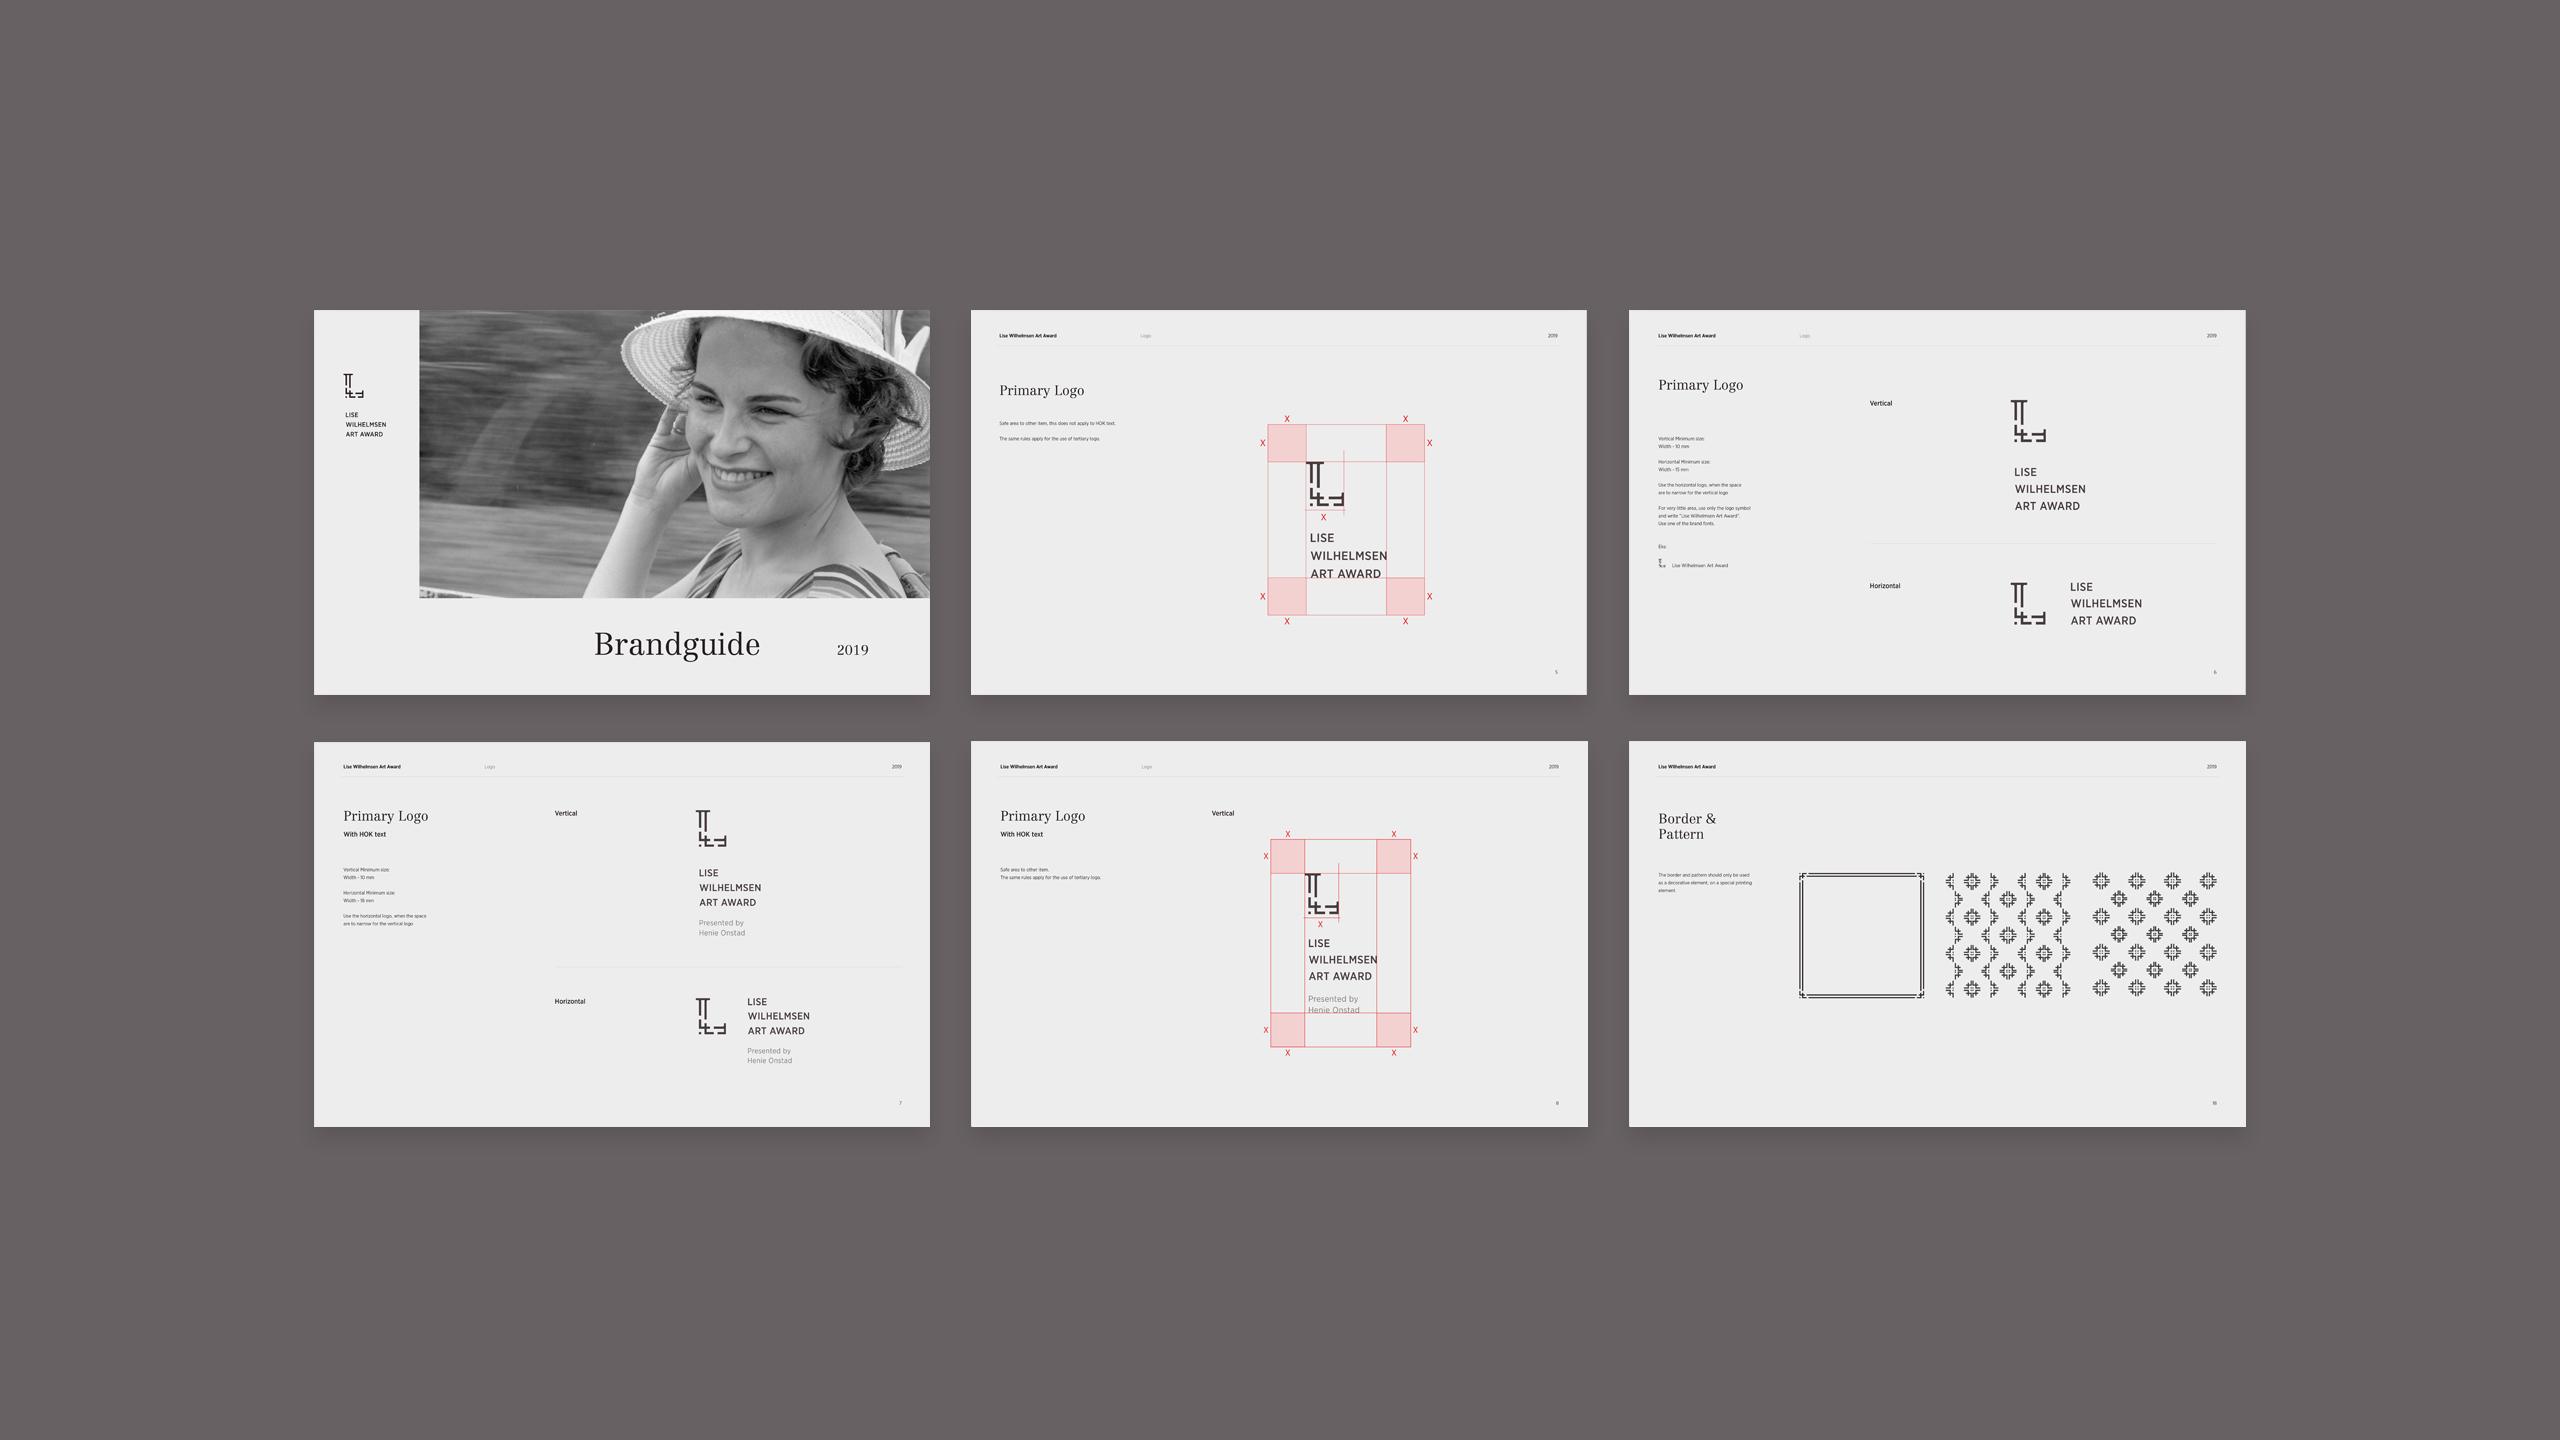 Brand Guide for Lise Wilhelmsen Art Award, designed by SBDS